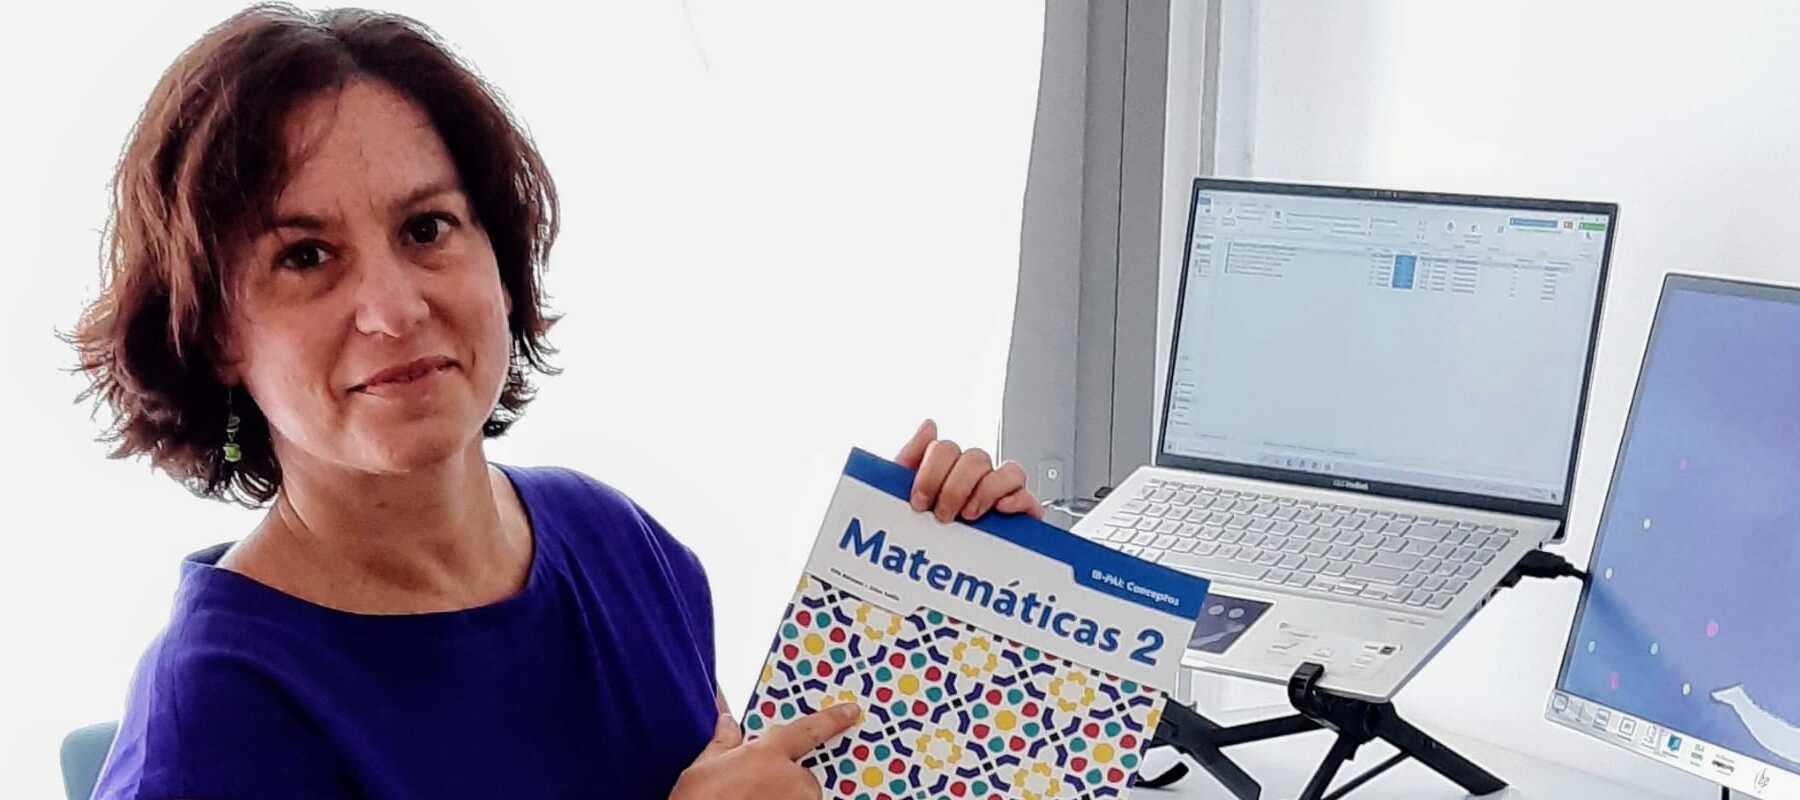 Traducción al español de un libro de matemáticas